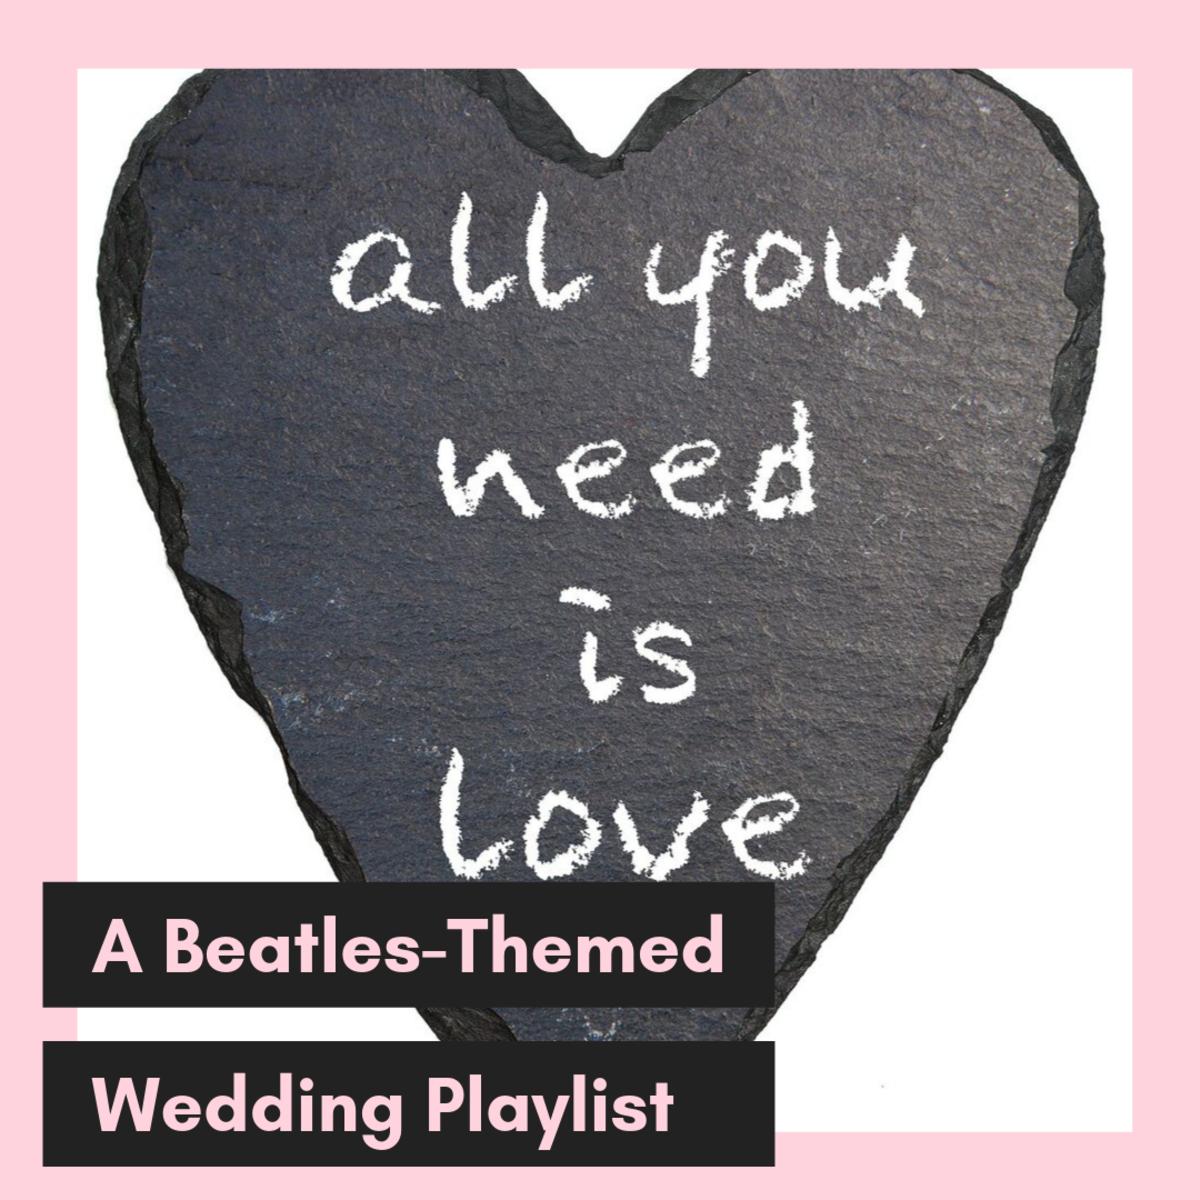 My Unique Wedding Ceremony Music: The Beatles